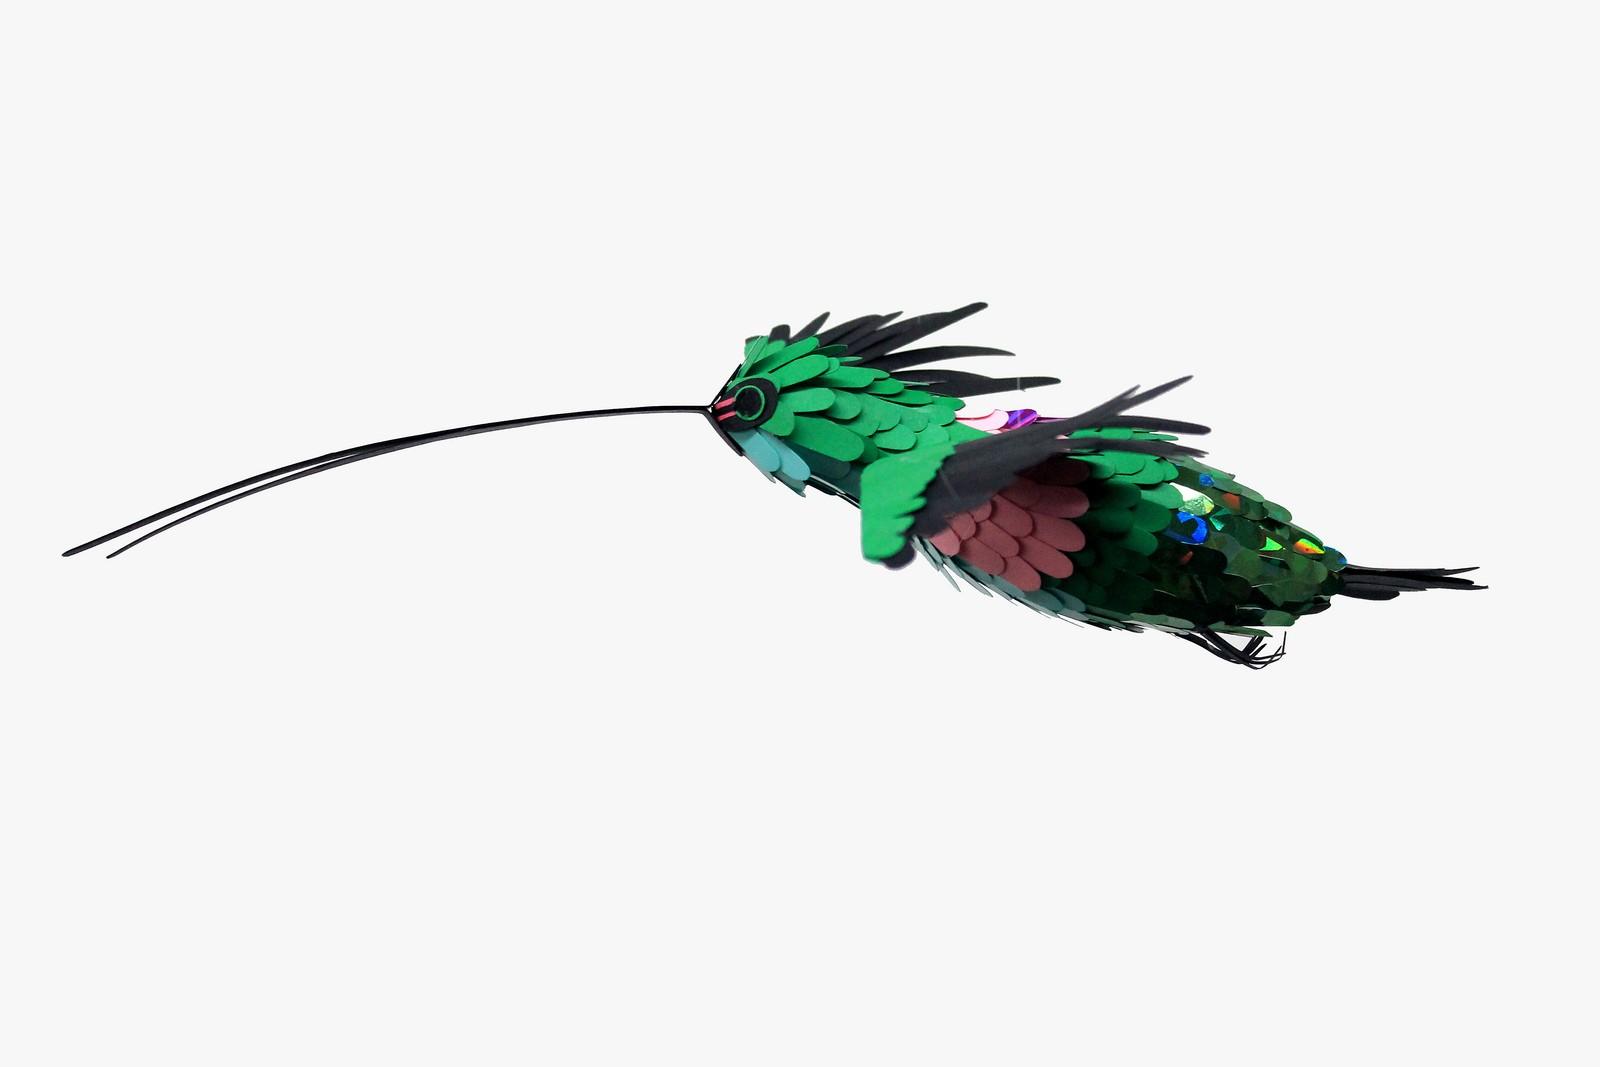 paper-birds-diana-beltran-herrera-01